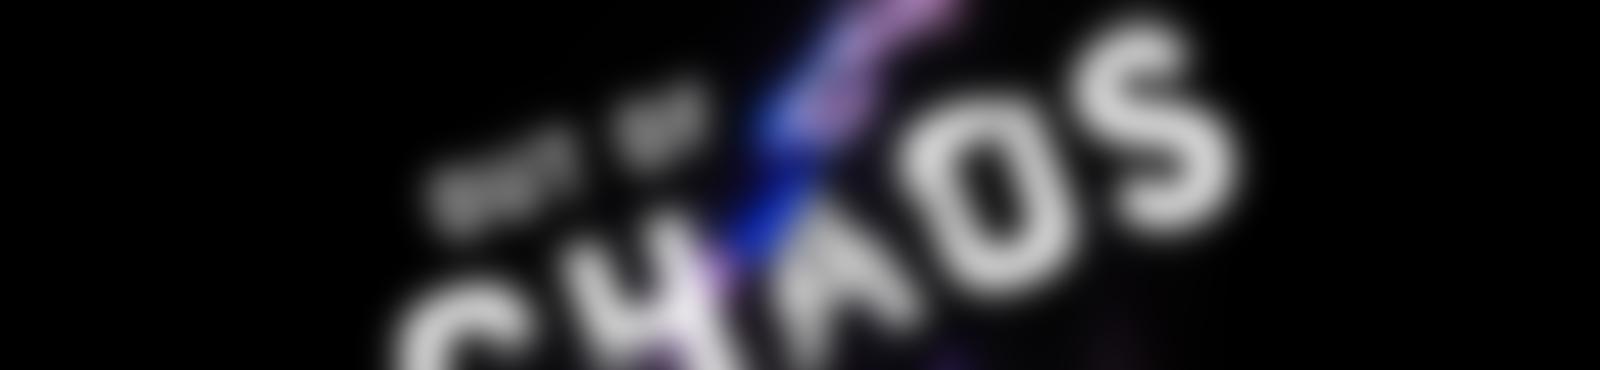 Blurred d1835283 3587 4912 8bfa 80de1845be7c